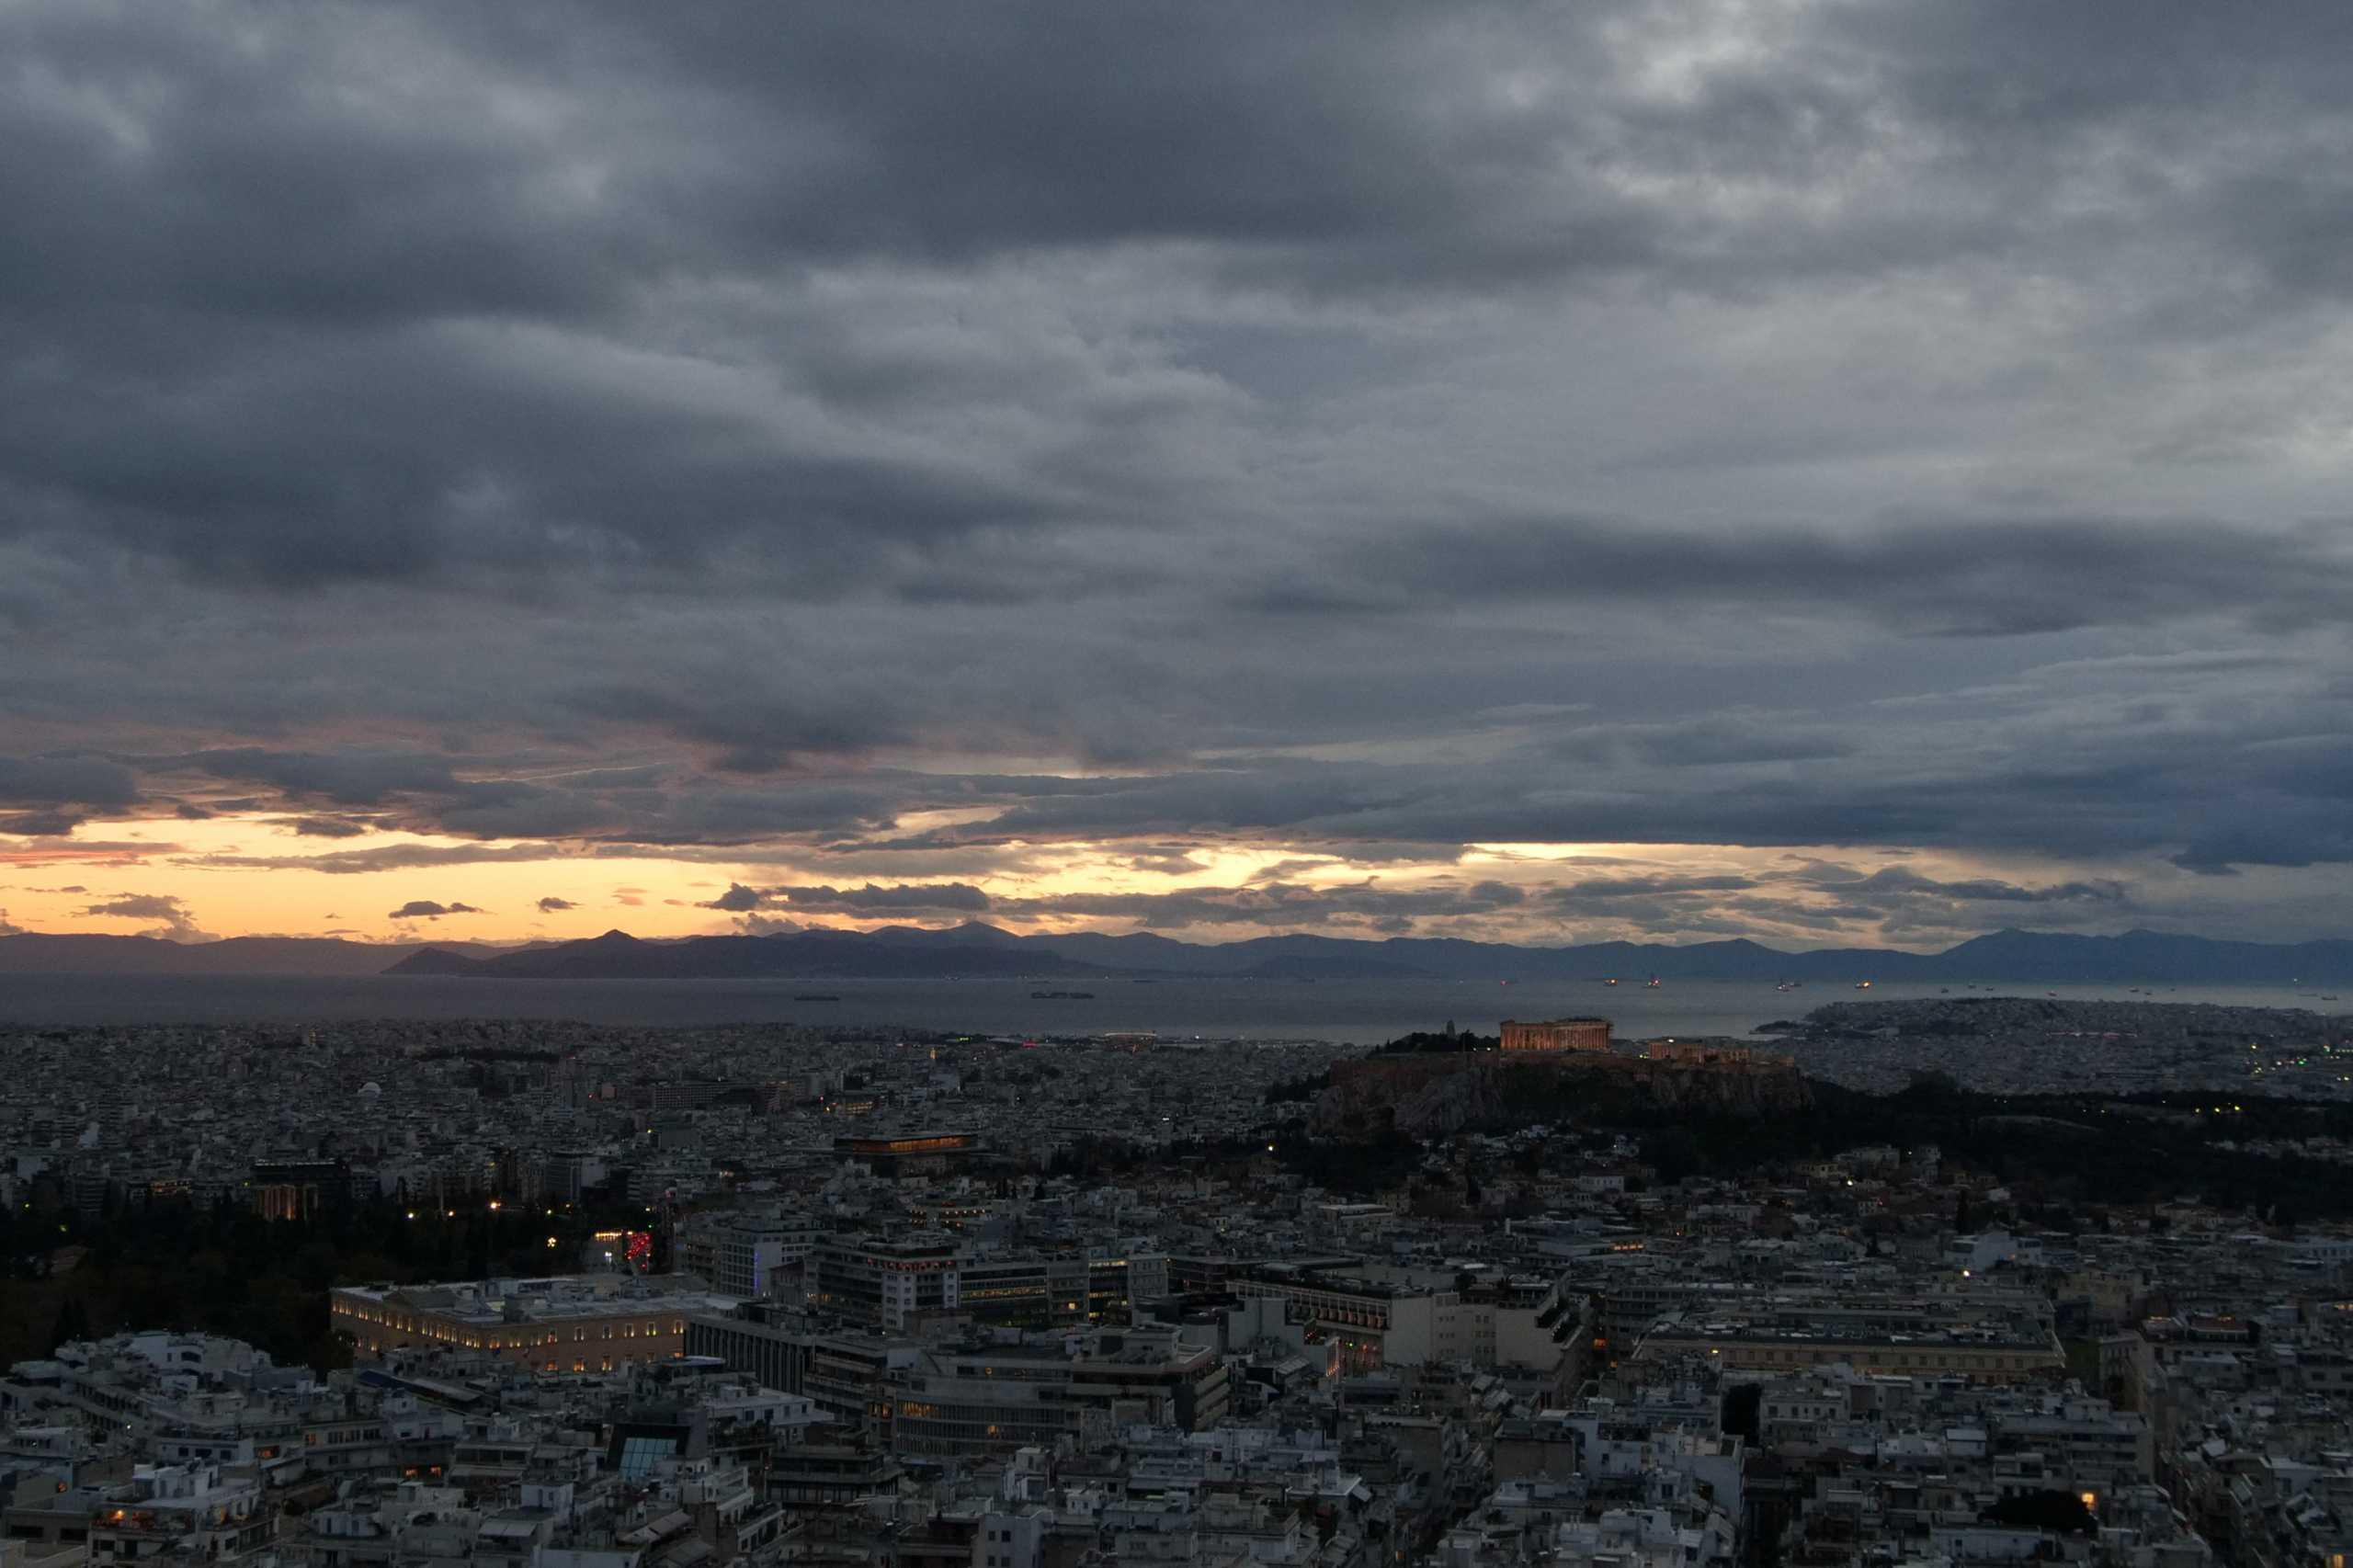 Σε ποια περιοχή της Αθήνας πέθανε από τραύμα σε μάχη ο Γεώργιος Καραϊσκάκης